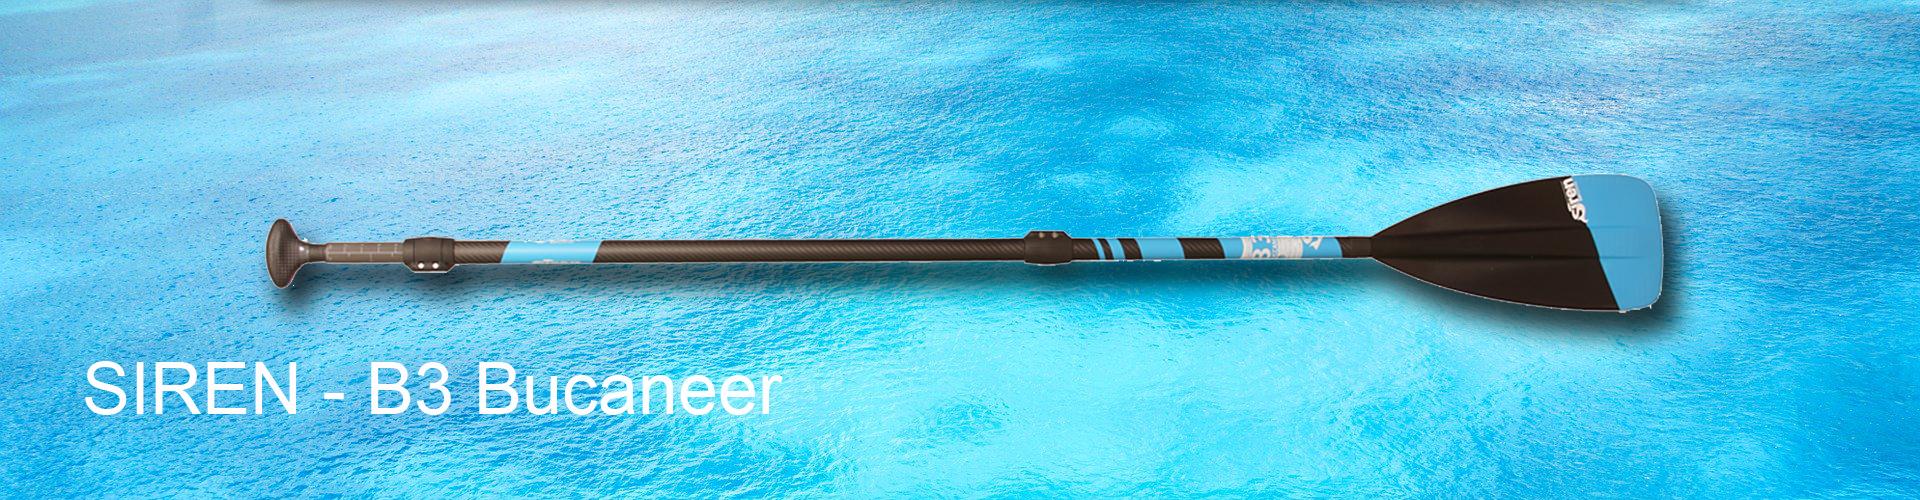 Siren Bucaneer